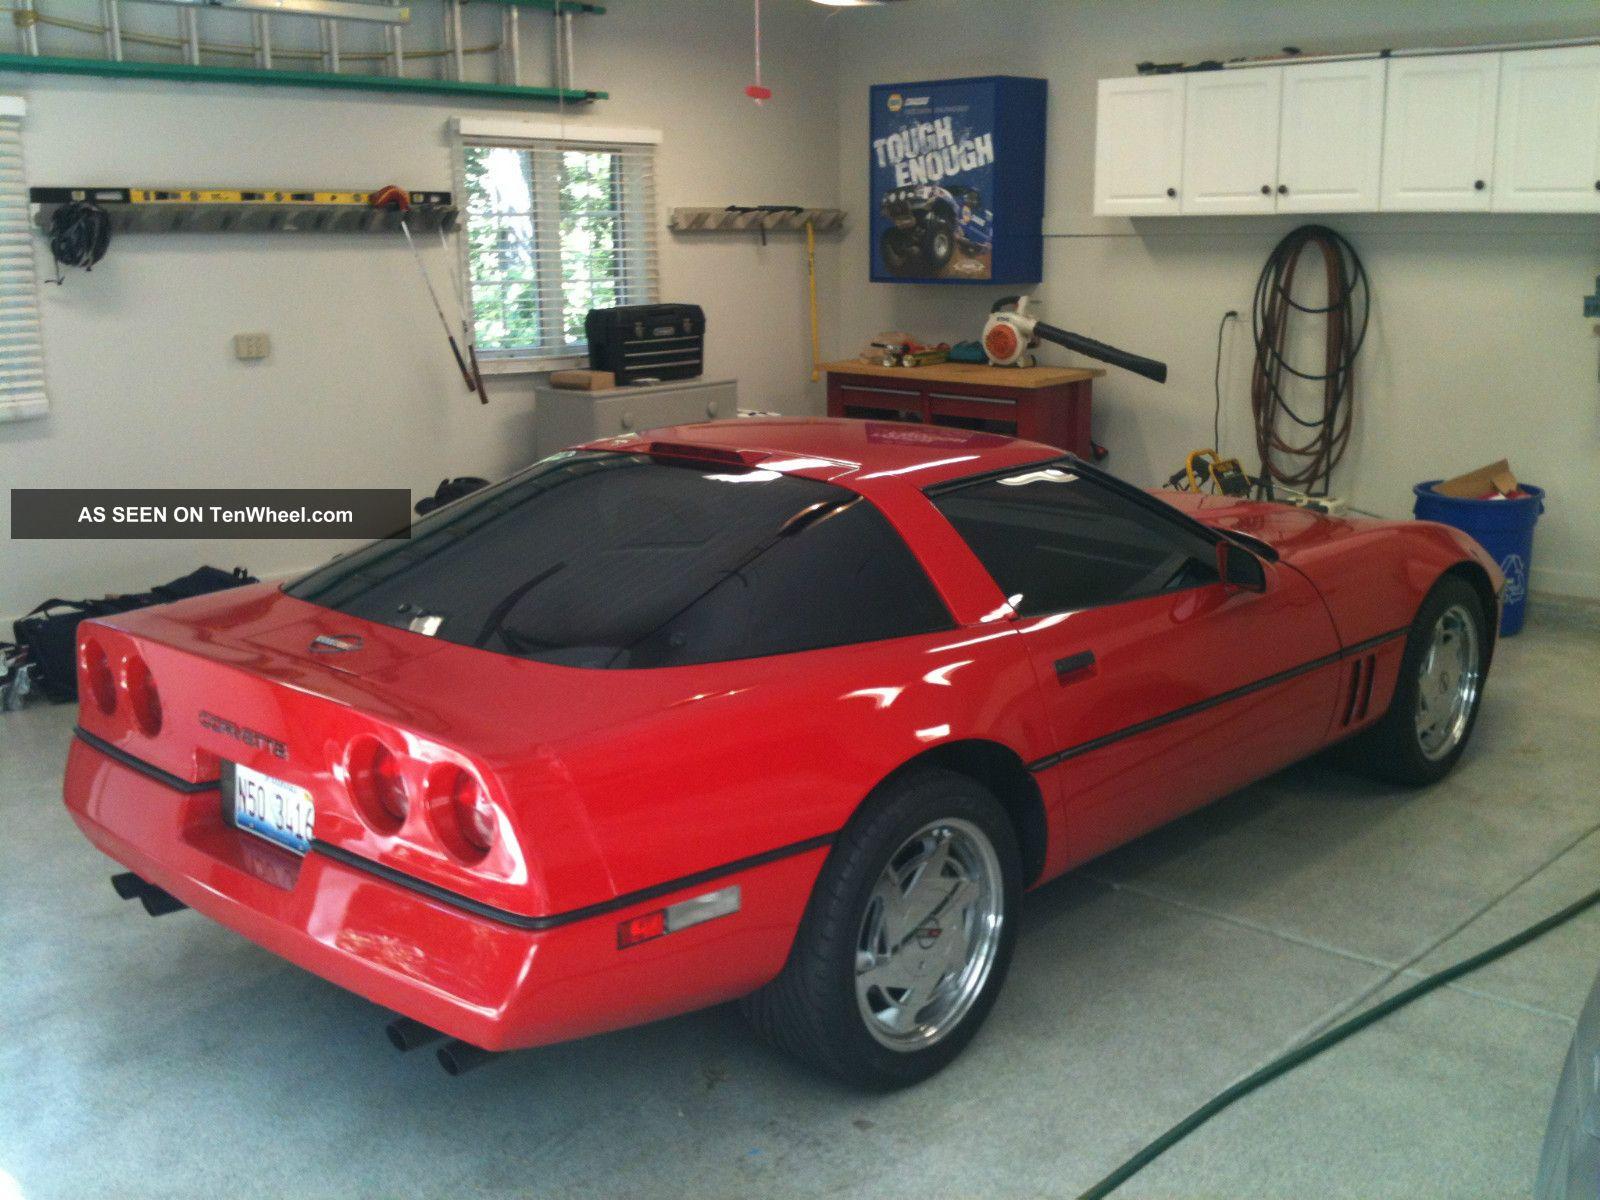 1989 Chevrolet Corvette 6 Speed Manual V8 Corvette photo